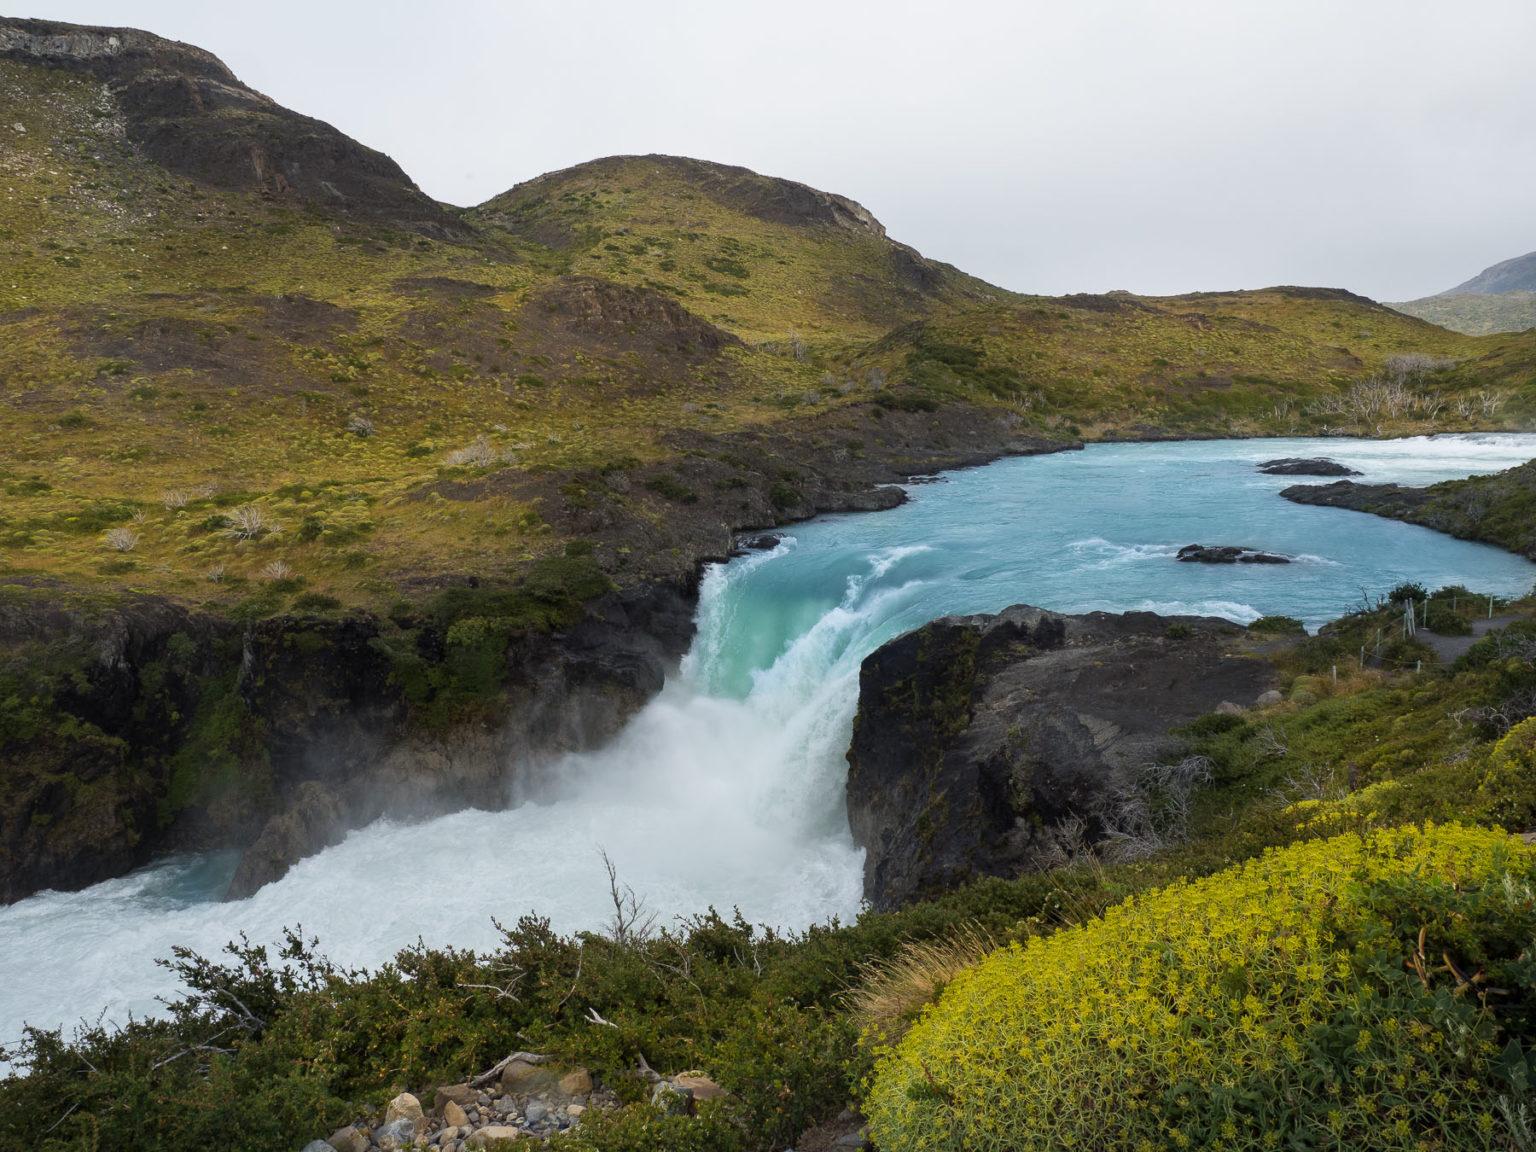 Die Mooslandschaft erinnert an Island